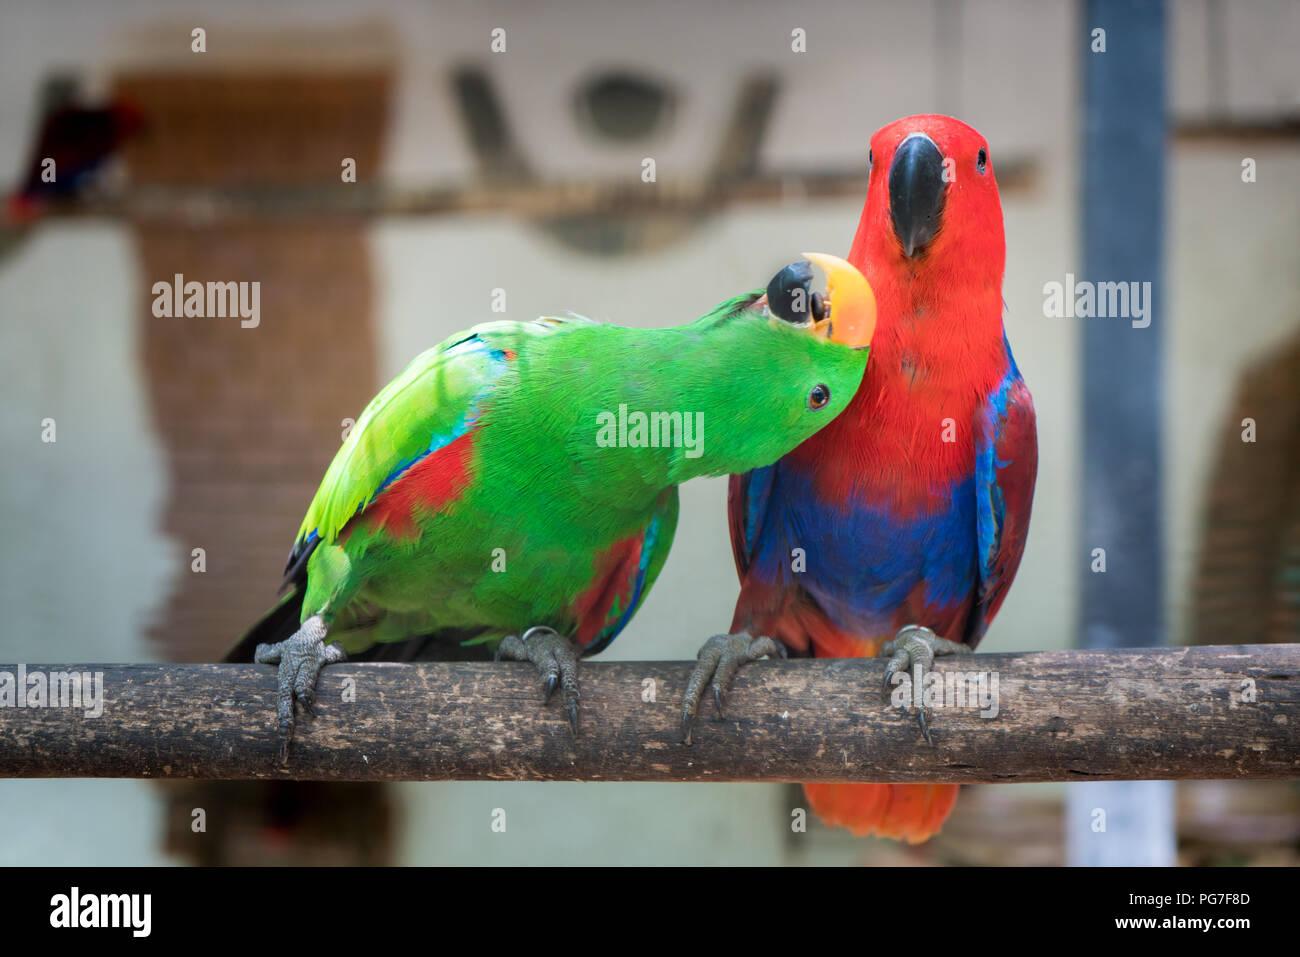 Alexandrine Parrots Stock Photos & Alexandrine Parrots Stock